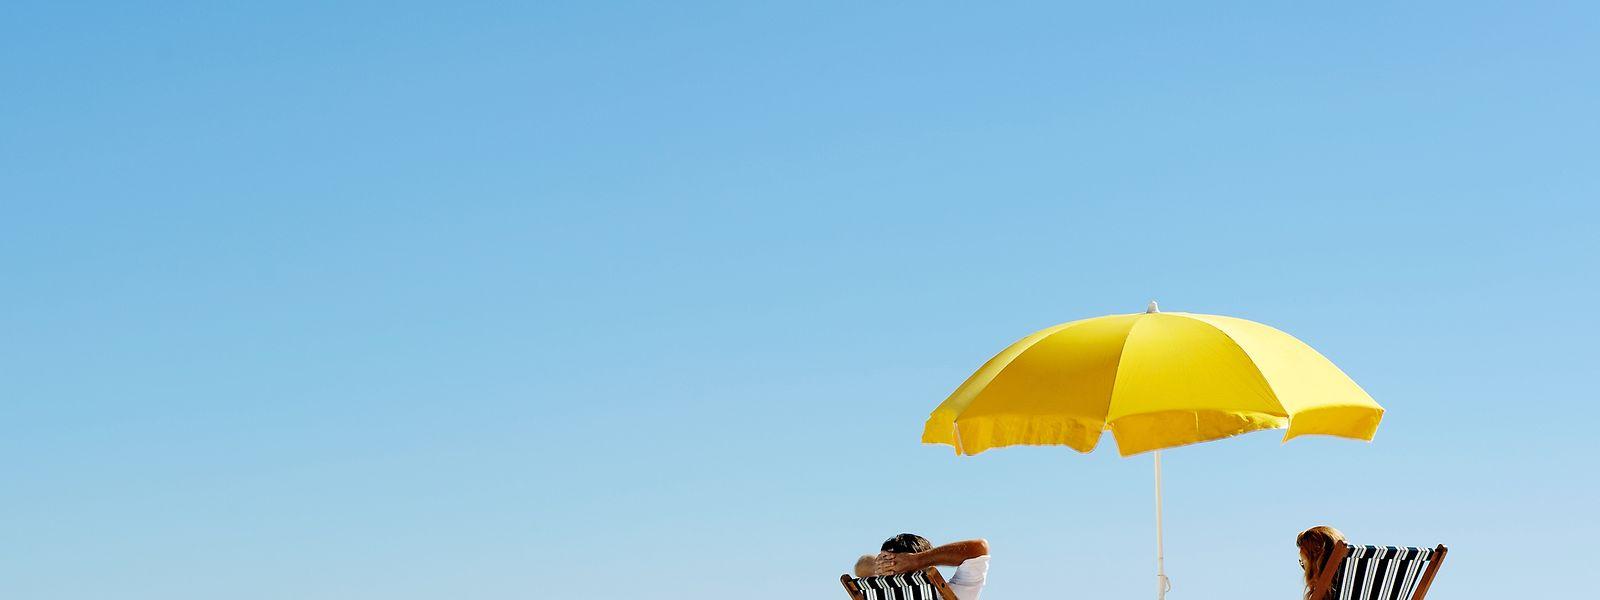 Urlauber wollen während einer Reise ein paar Tage abschalten und die freie Zeit genießen. Doch wenn Kunden am Reiseziel nicht das erwartet, was sie eigentlich gebucht haben, ist die Stimmung schnell getrübt.